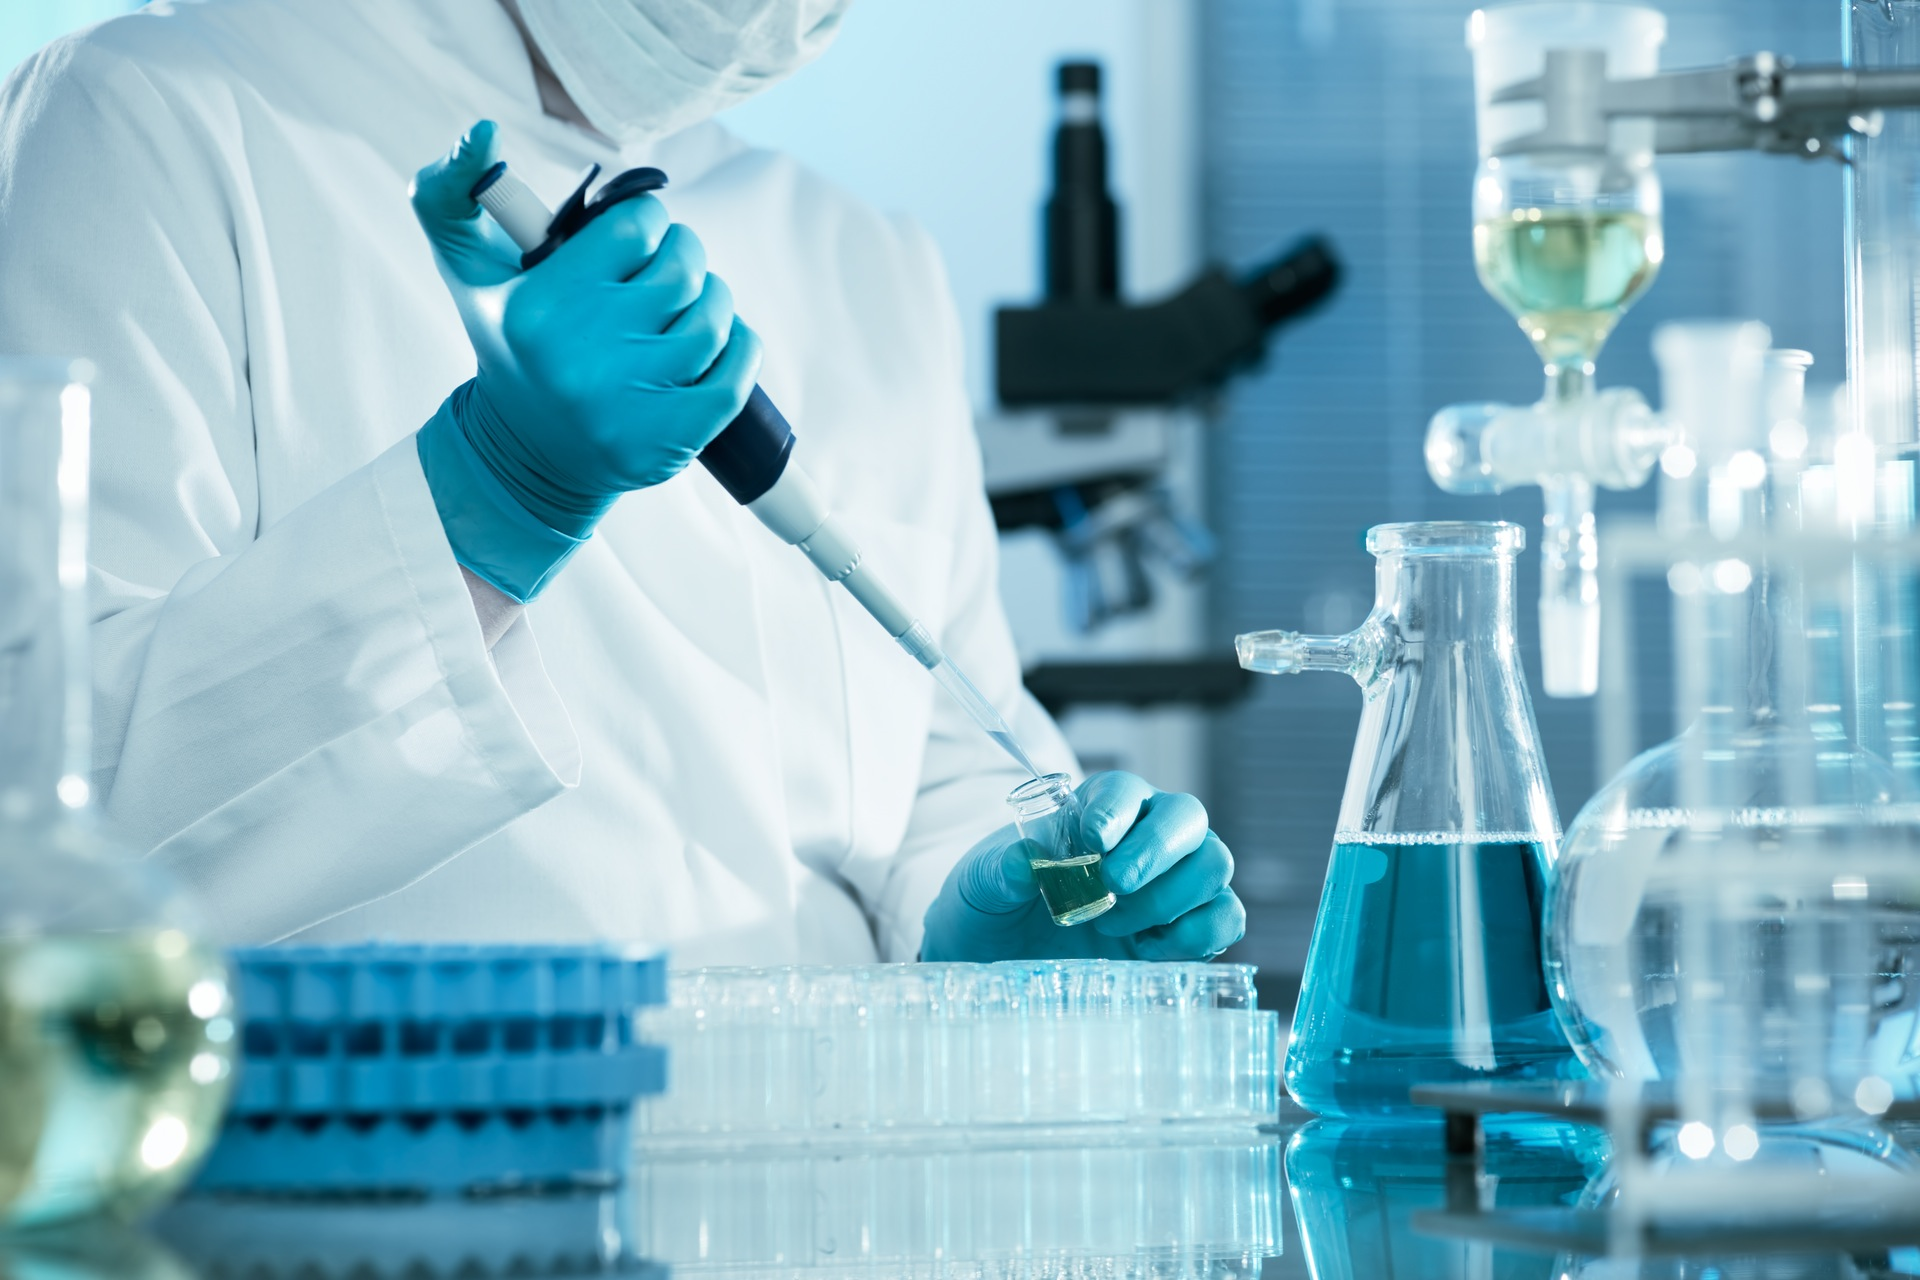 laboratório, Pesquisa, Química, medicina, Ciência, pipeta, balão, tubo de ensaio, luvas, mãos - Papéis de parede HD - Professor-falken.com